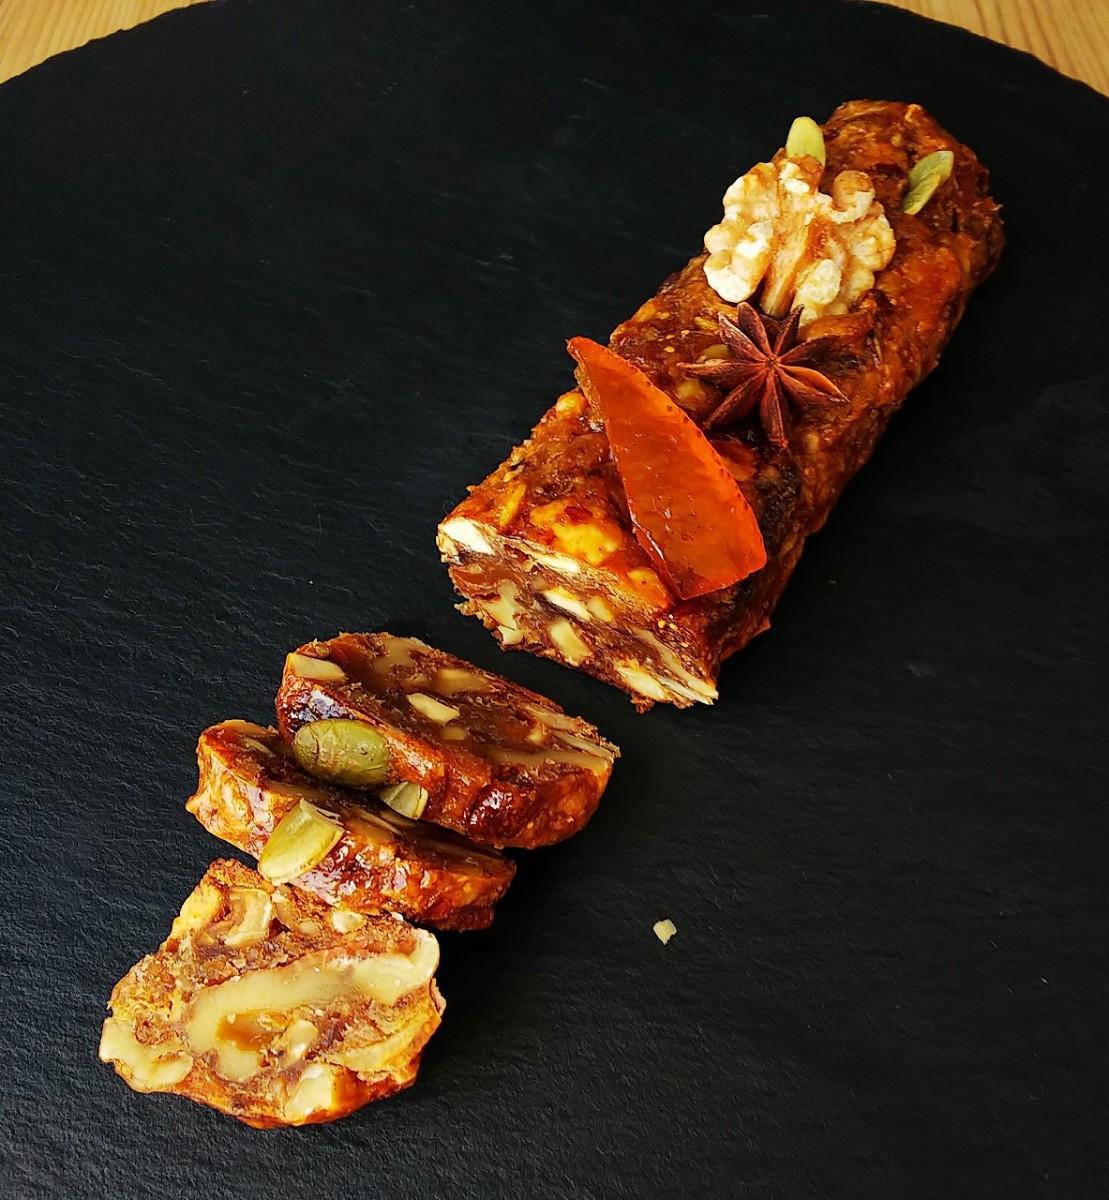 クリスマス前のアドベントに食べる「ベラベッカ」